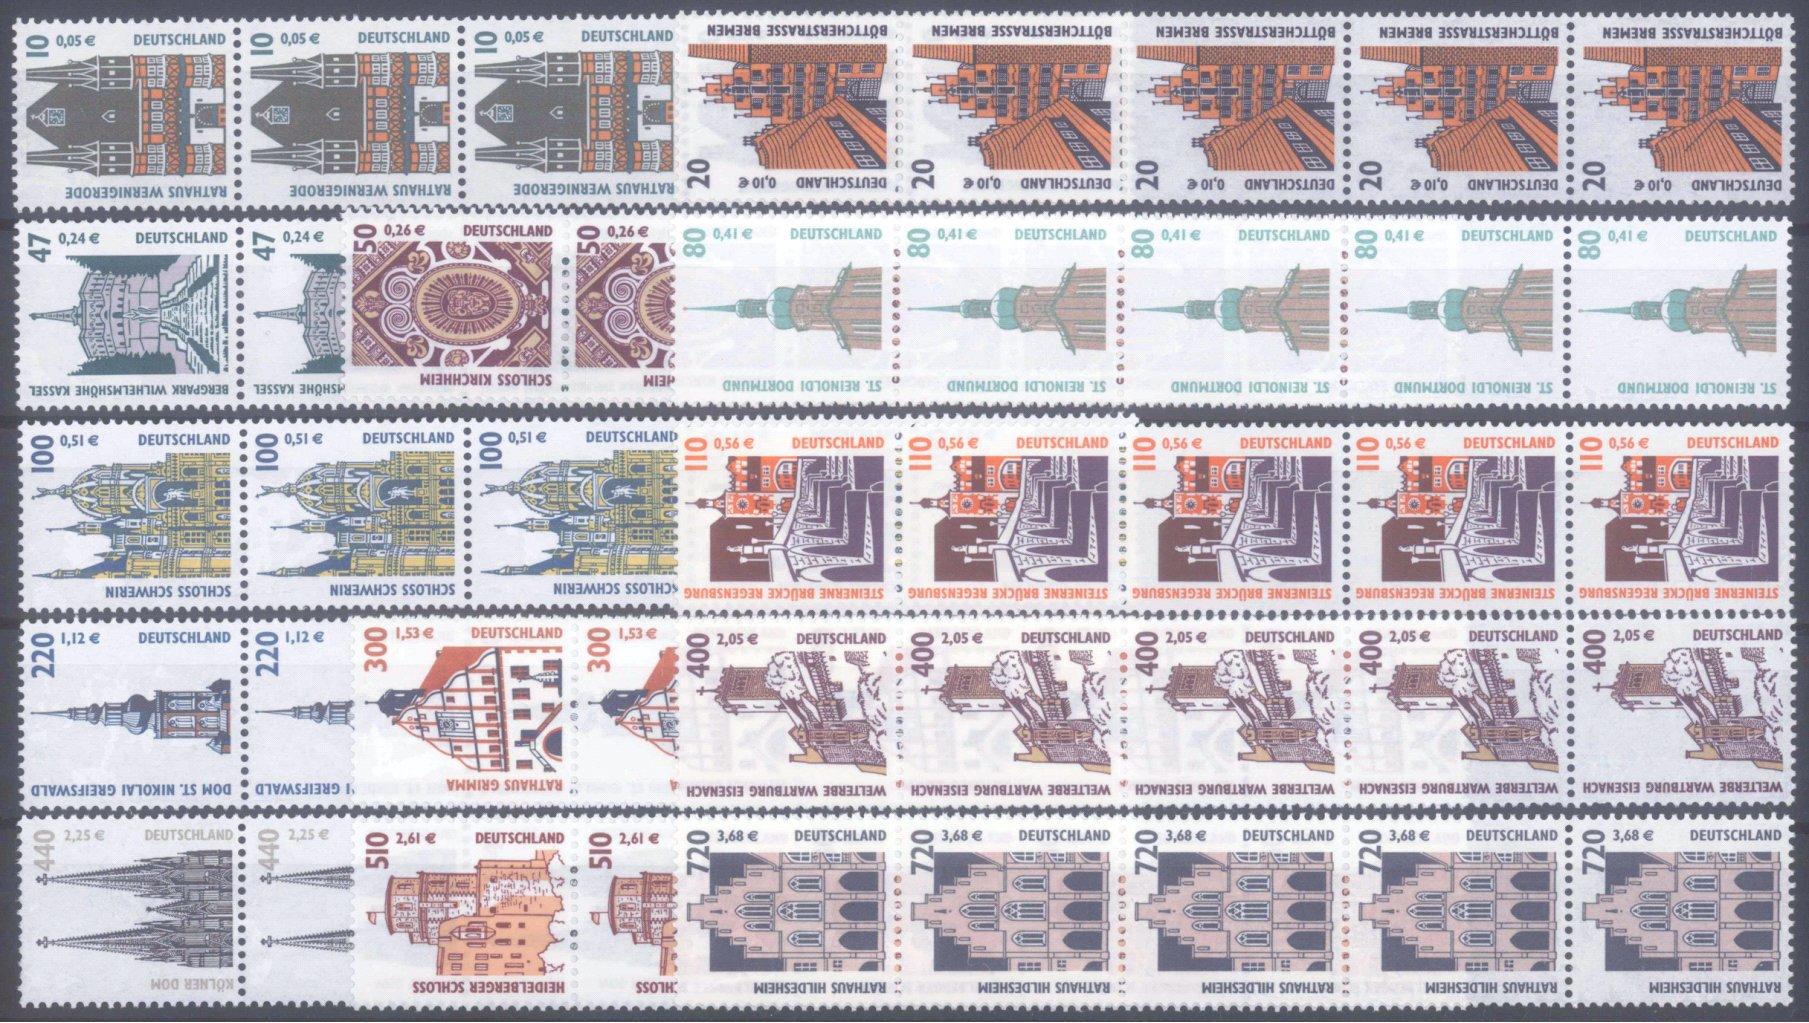 BUND 2000/2001, postfrische Nominale mit 76,- Euro